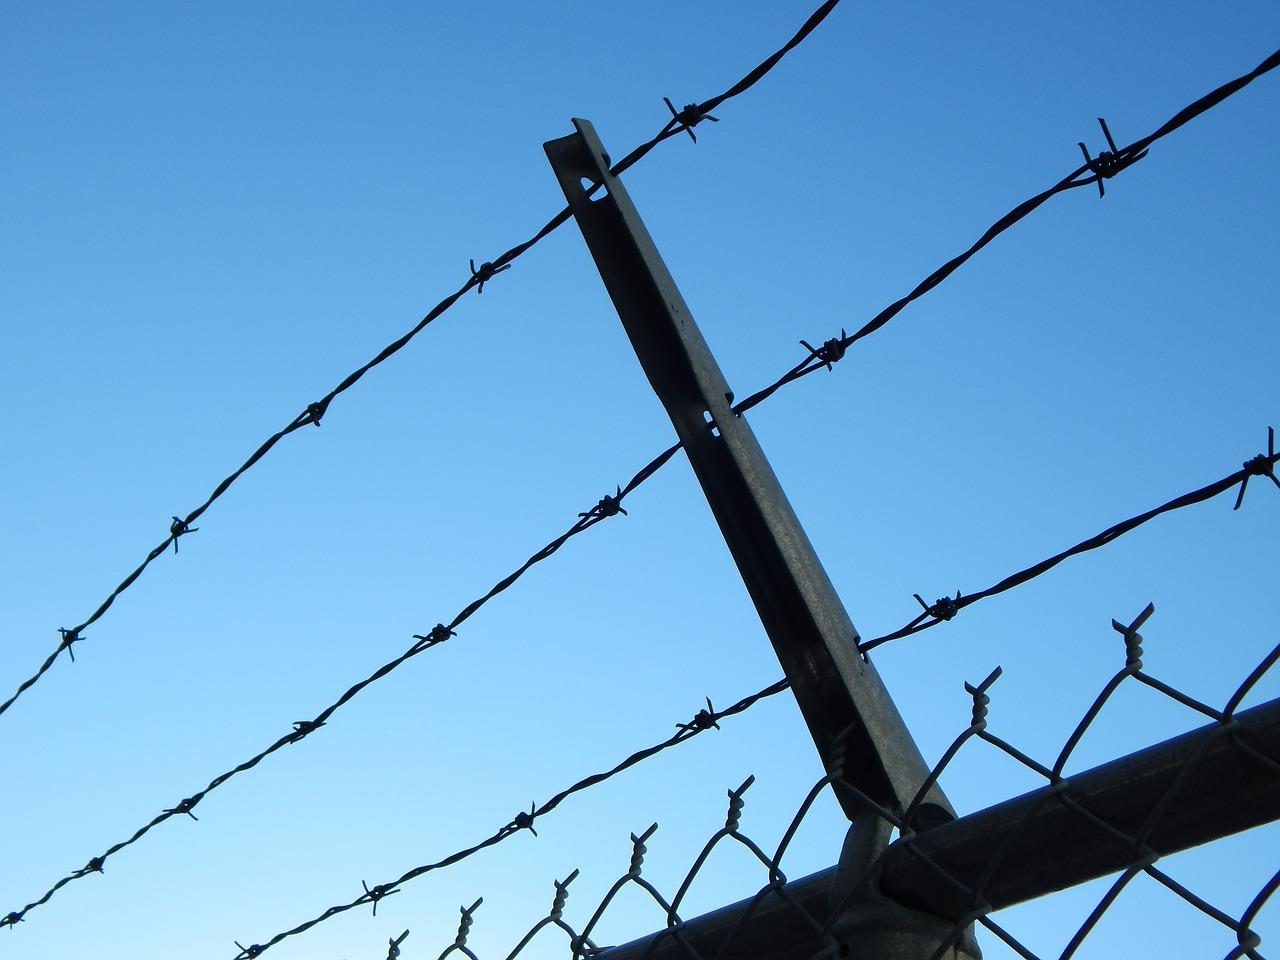 66 letnia kobieta trafi na 8 lat do więzienia?